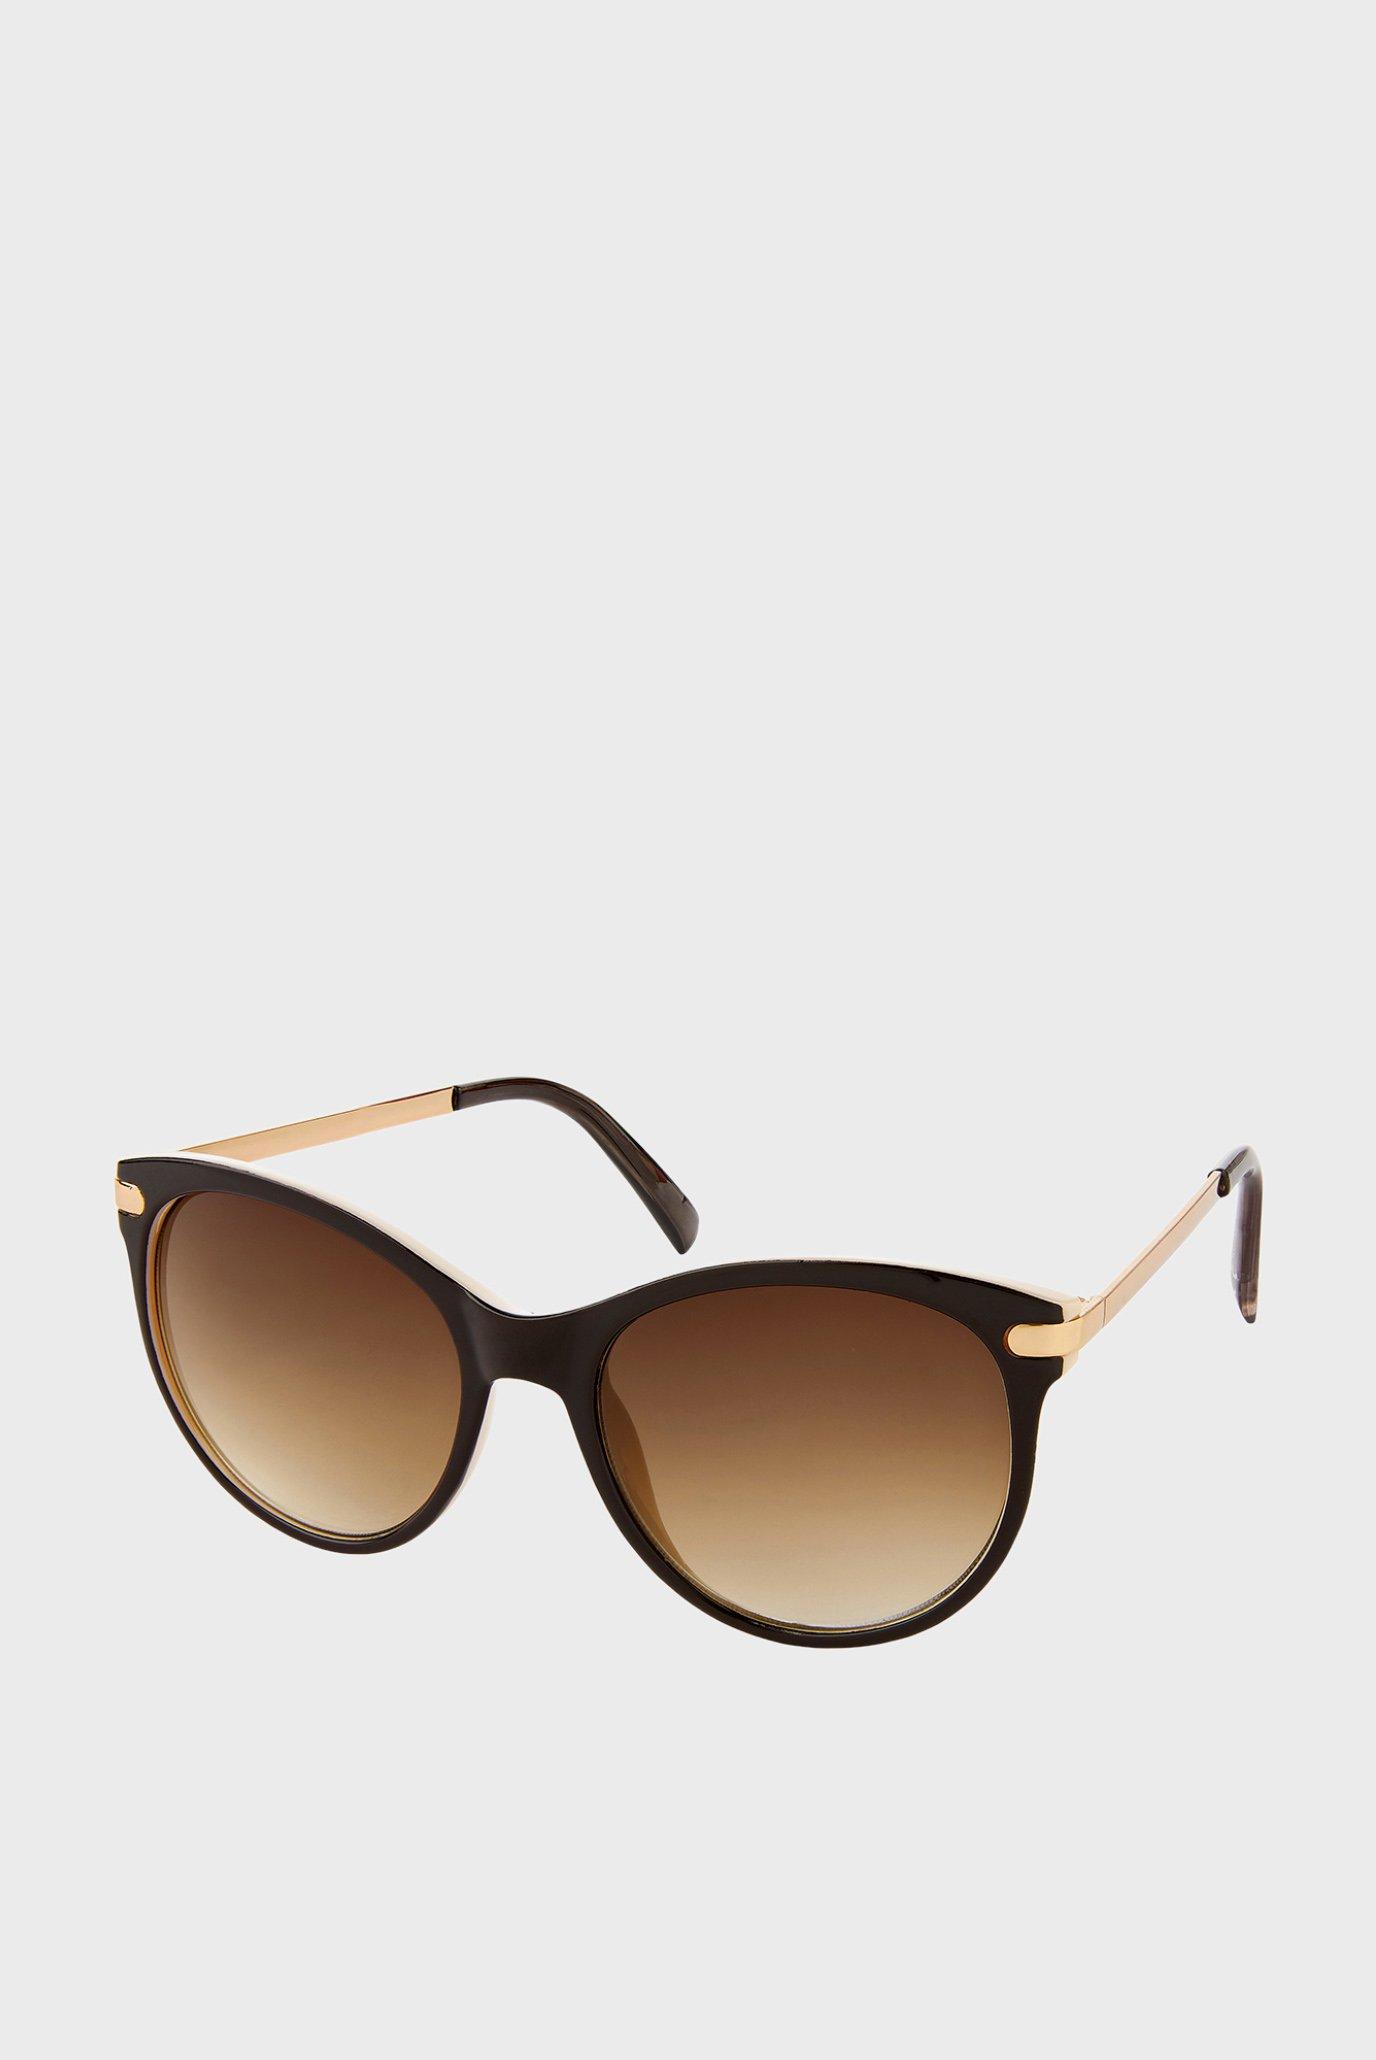 Жіночі сонцезахисні окуляри RUBEE FLATTOP 1